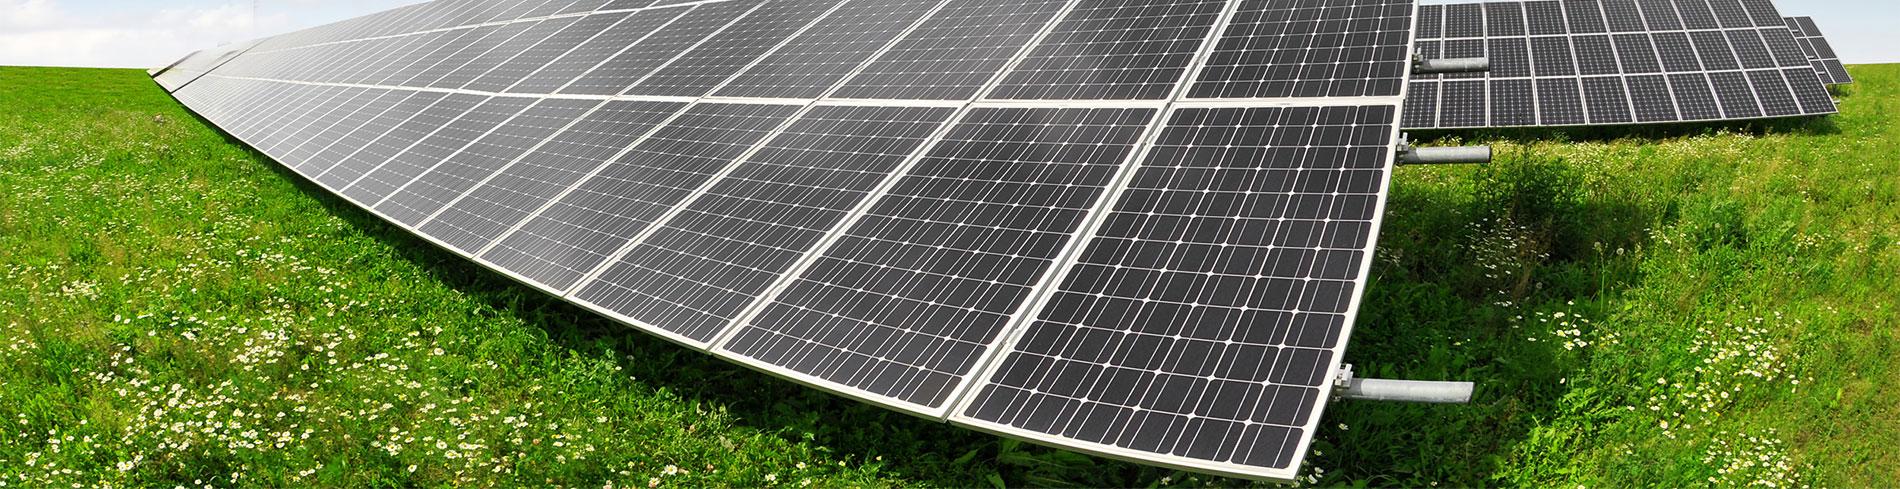 Pannelli solari di elevata qualità